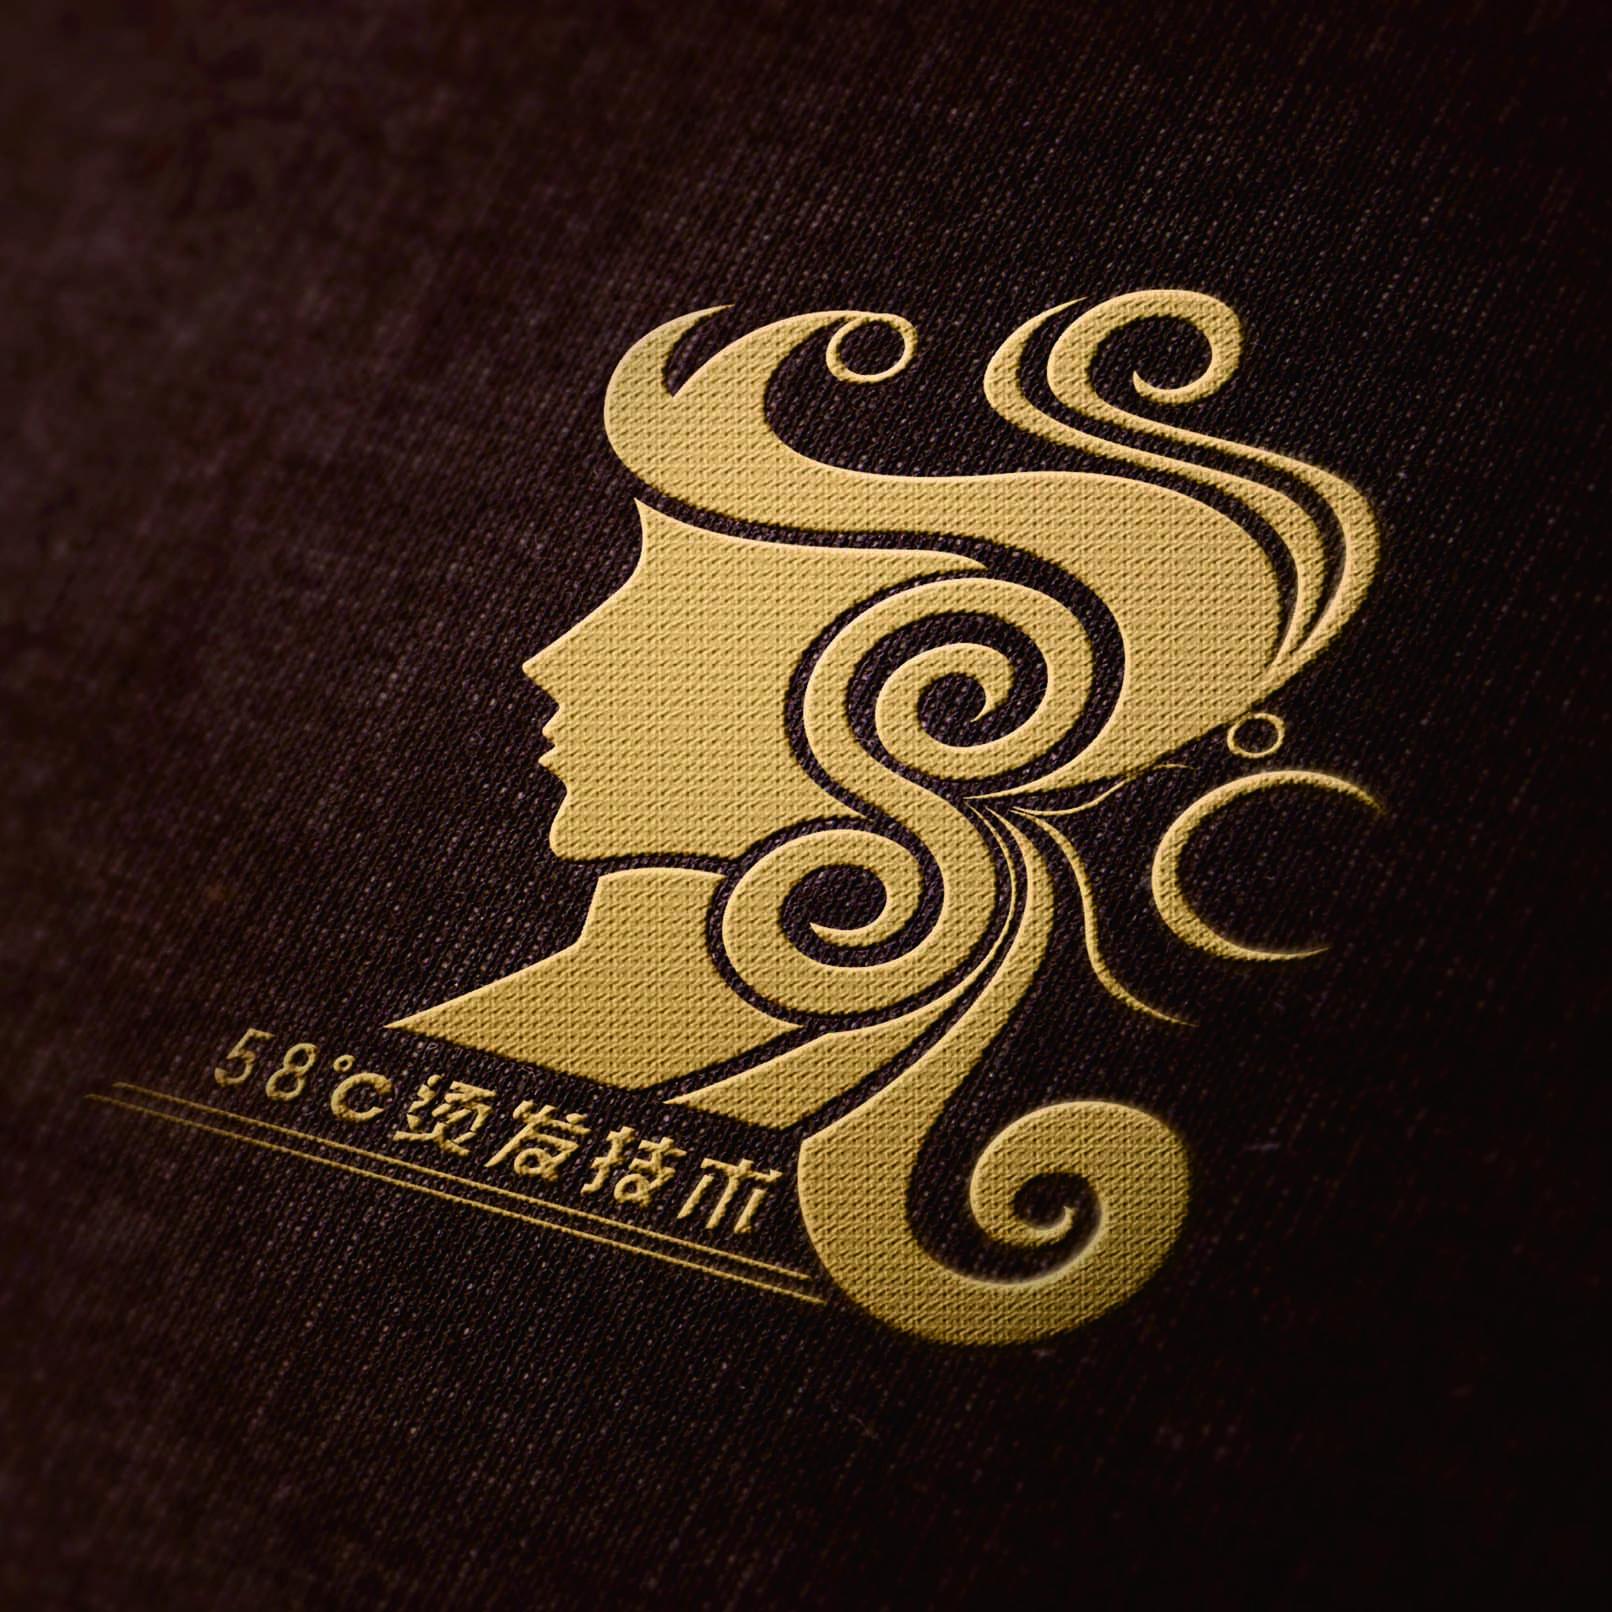 58摄氏度中标logo